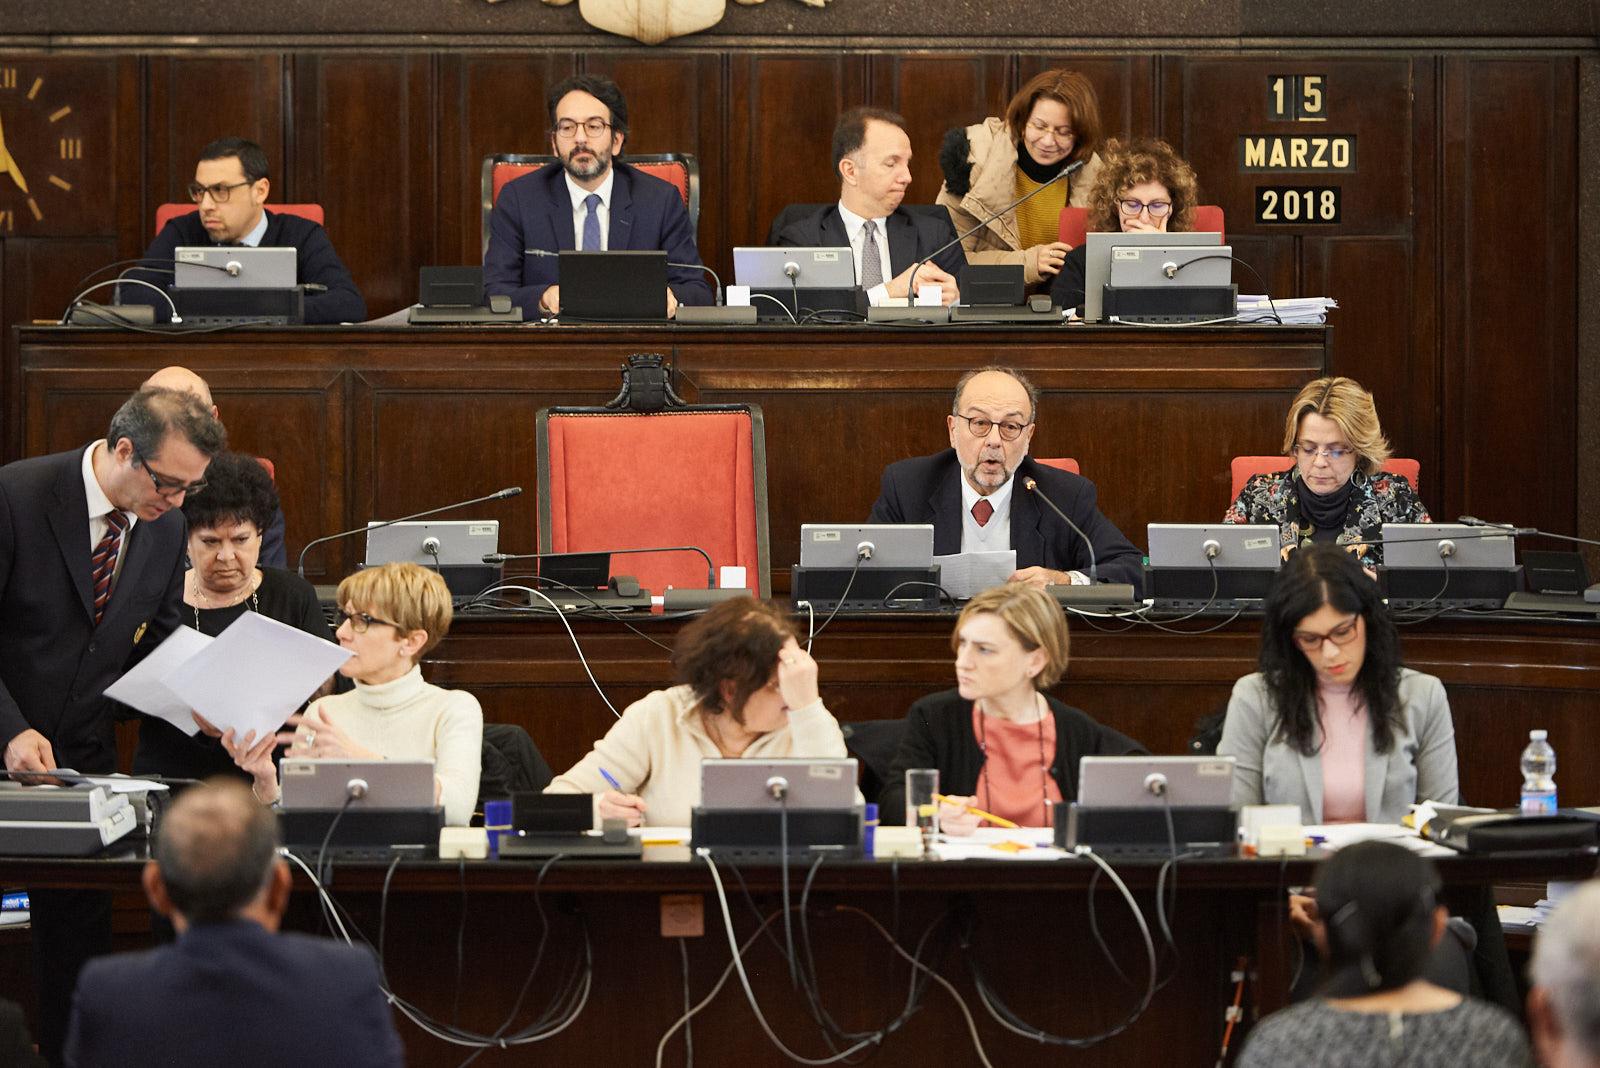 L'intervento di Giorgio Mortara, vicepresidente UCEI